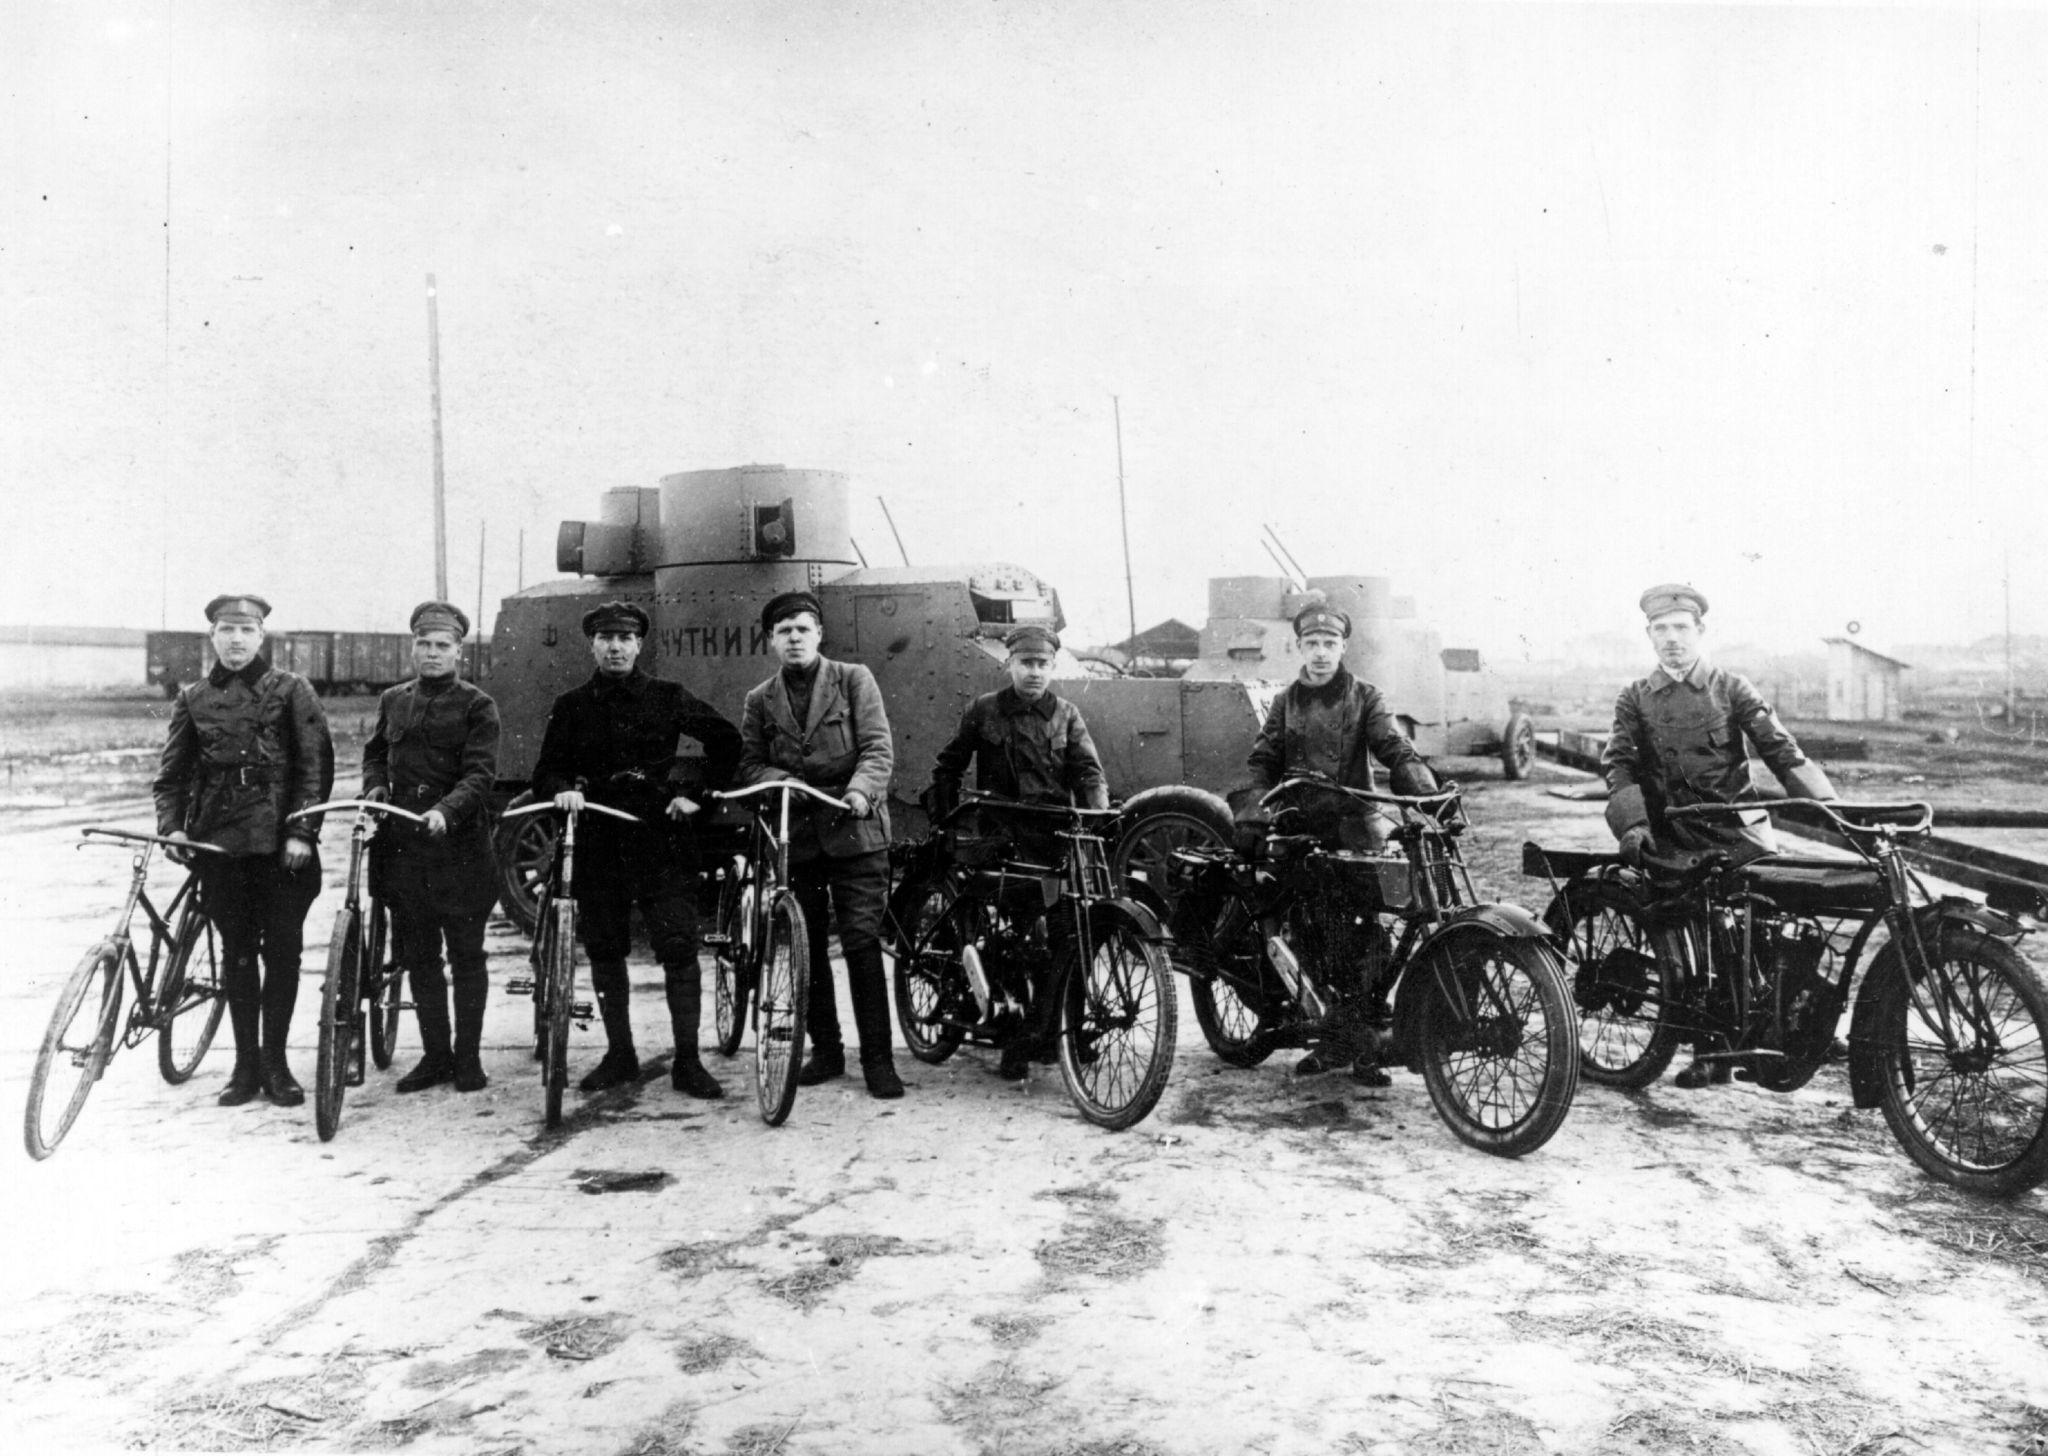 Члены большевистской части, участвовавшей в срыве наступления генерала Юденича на Петроград